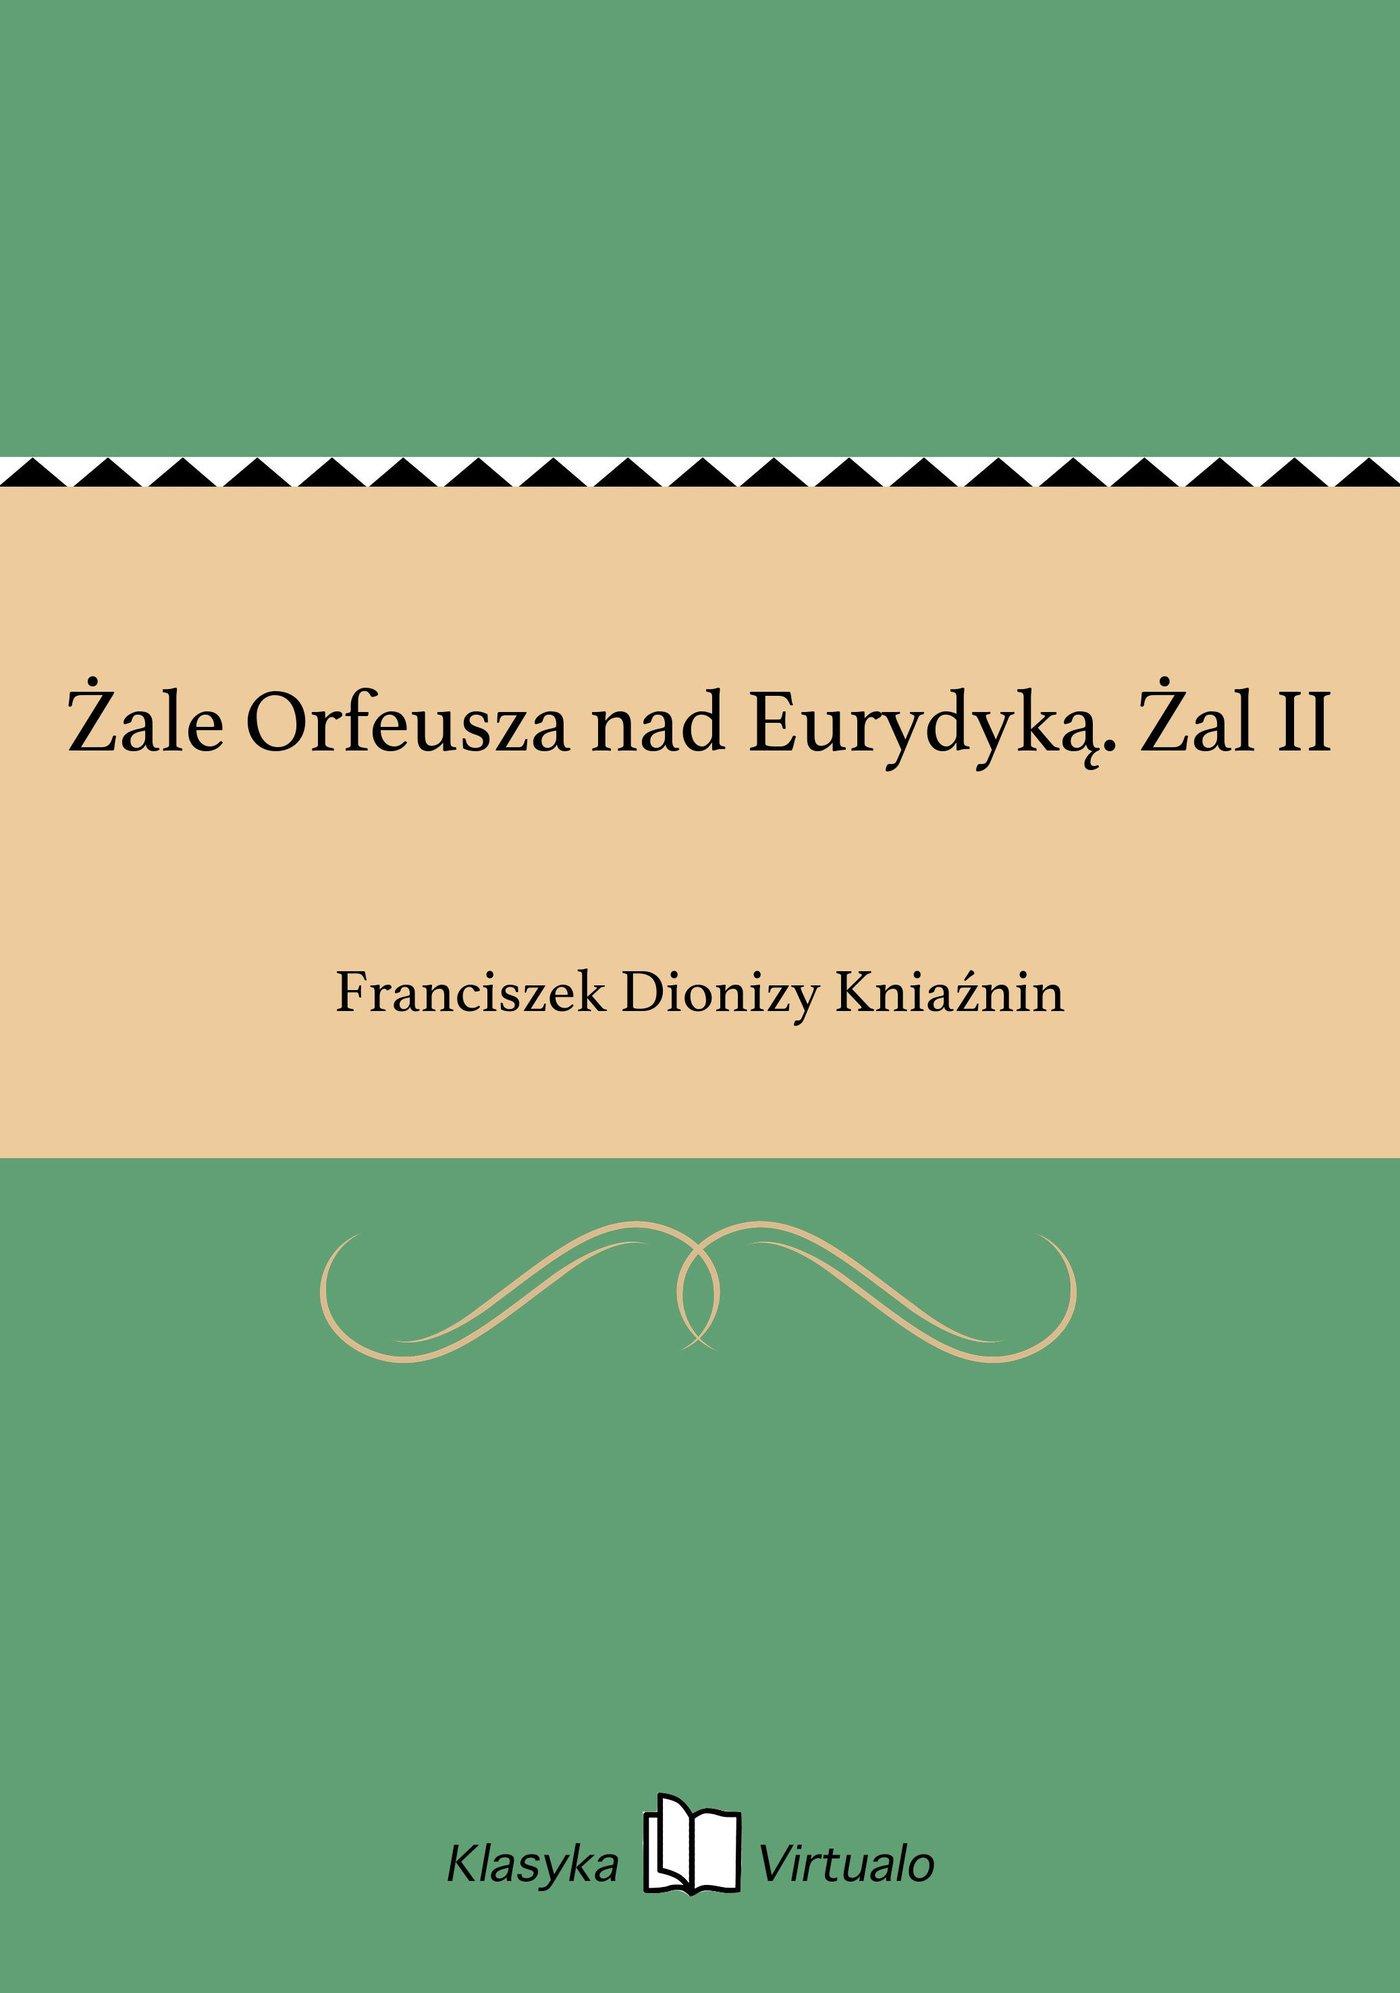 Żale Orfeusza nad Eurydyką. Żal II - Ebook (Książka EPUB) do pobrania w formacie EPUB